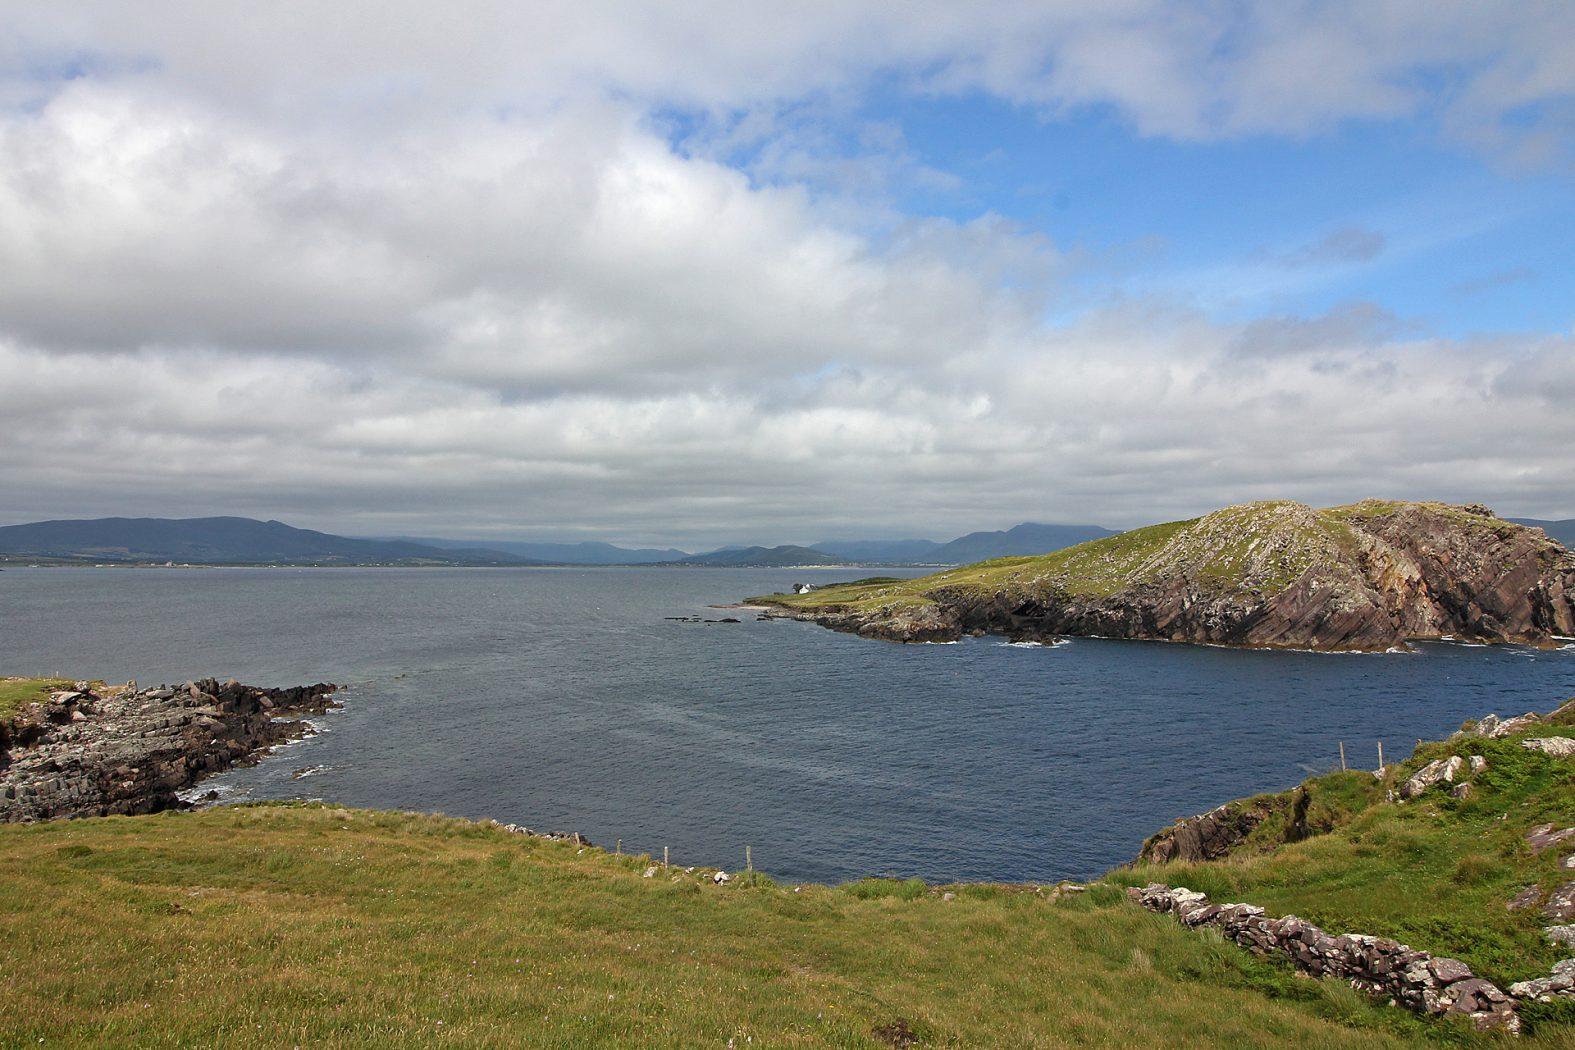 Angeln an der Küste in Irland